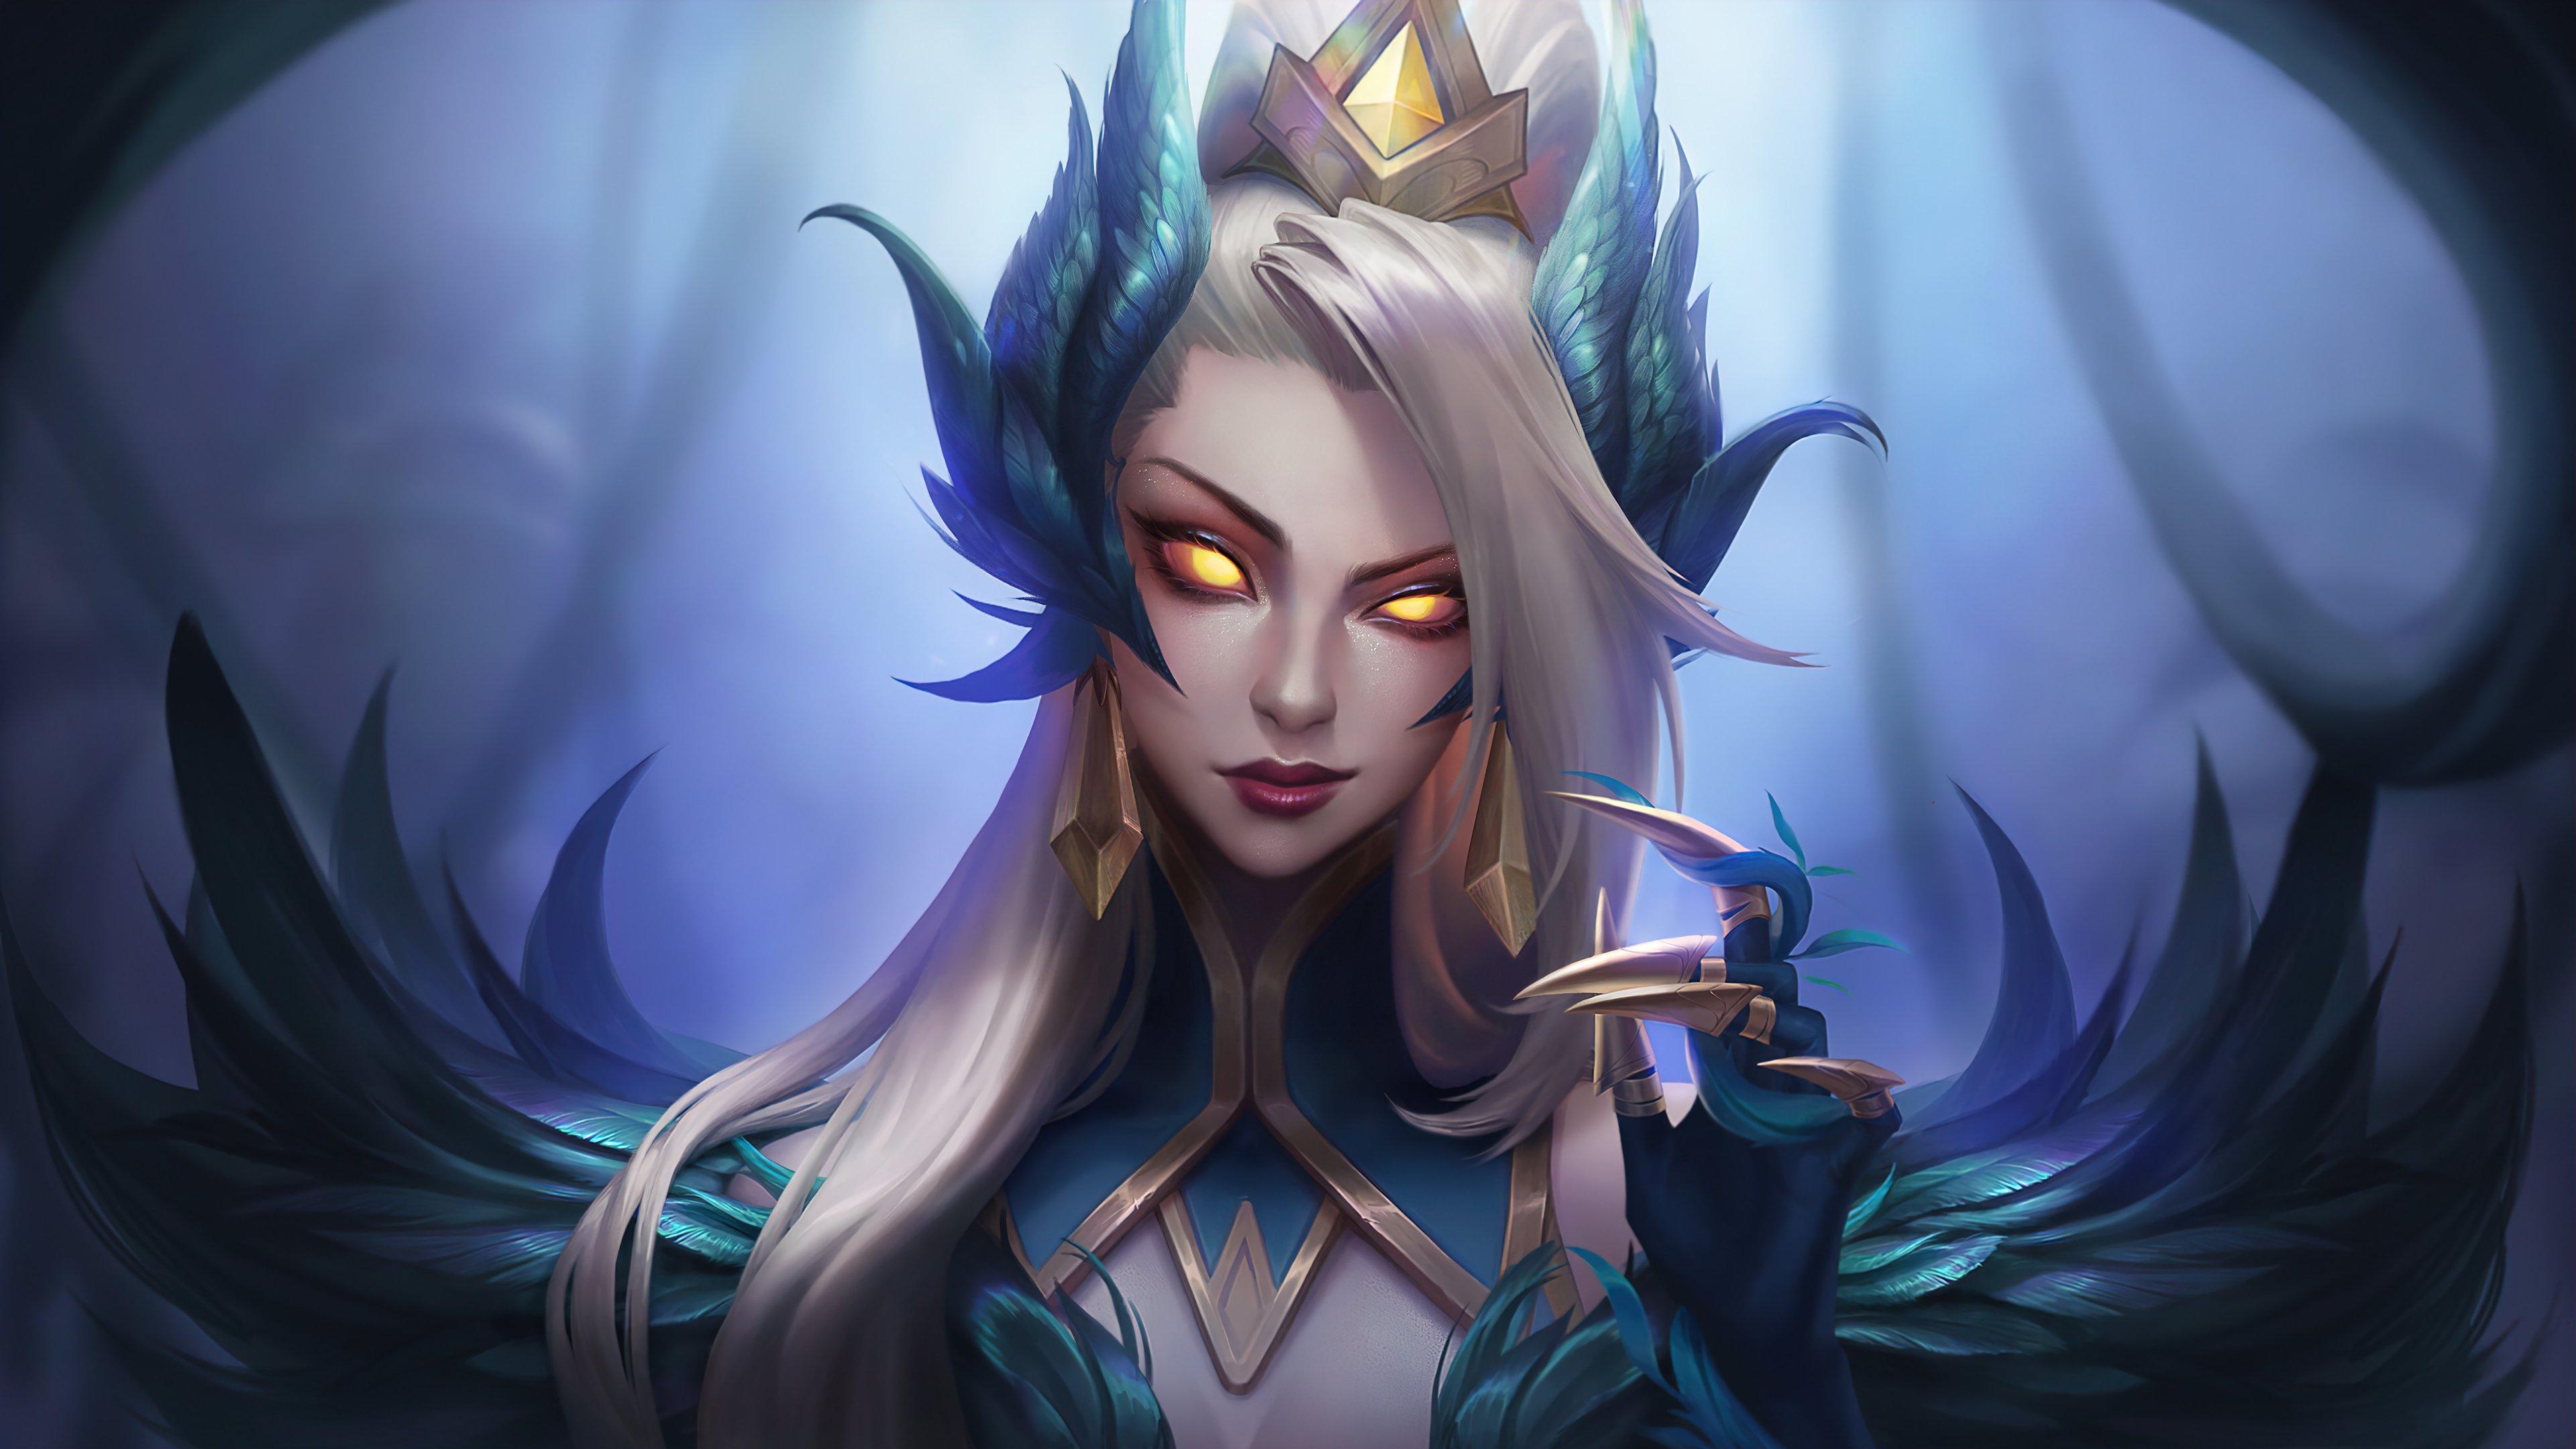 Wallpaper Coven Zyra League of Legends Art